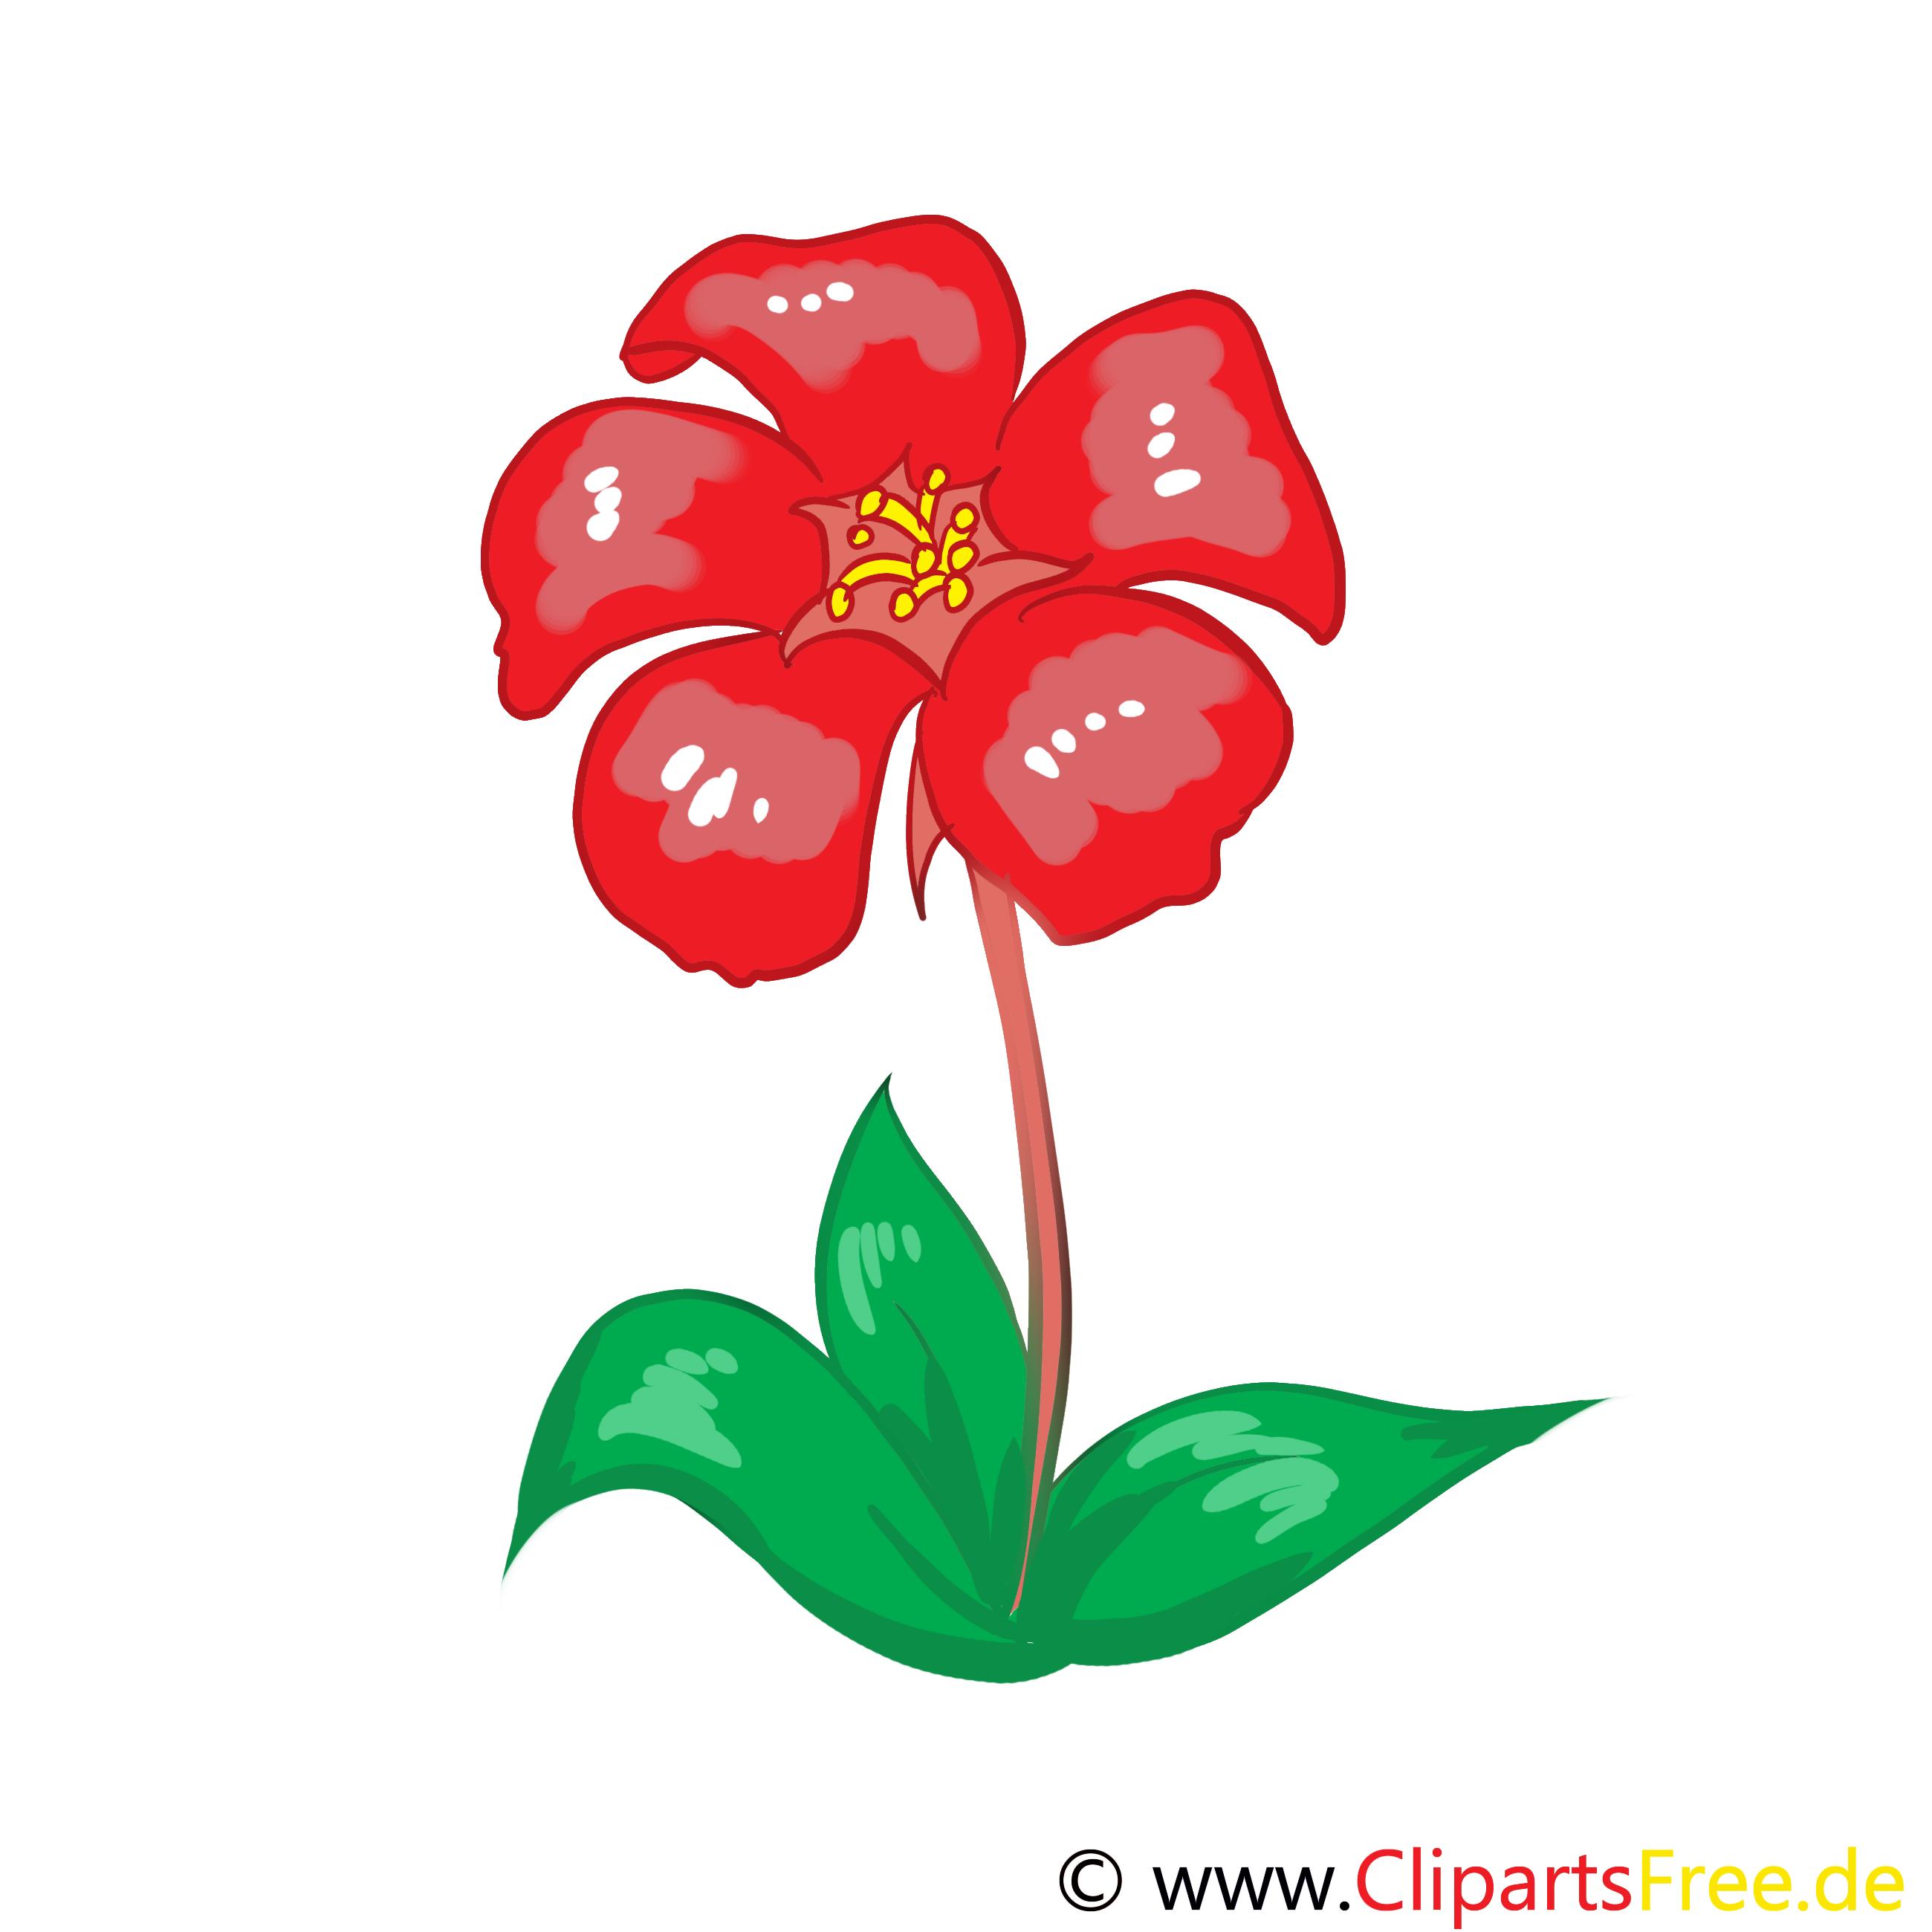 Dessin fleur rouge clip arts gratuits fleurs dessin picture image graphic clip art - Dessins fleur ...